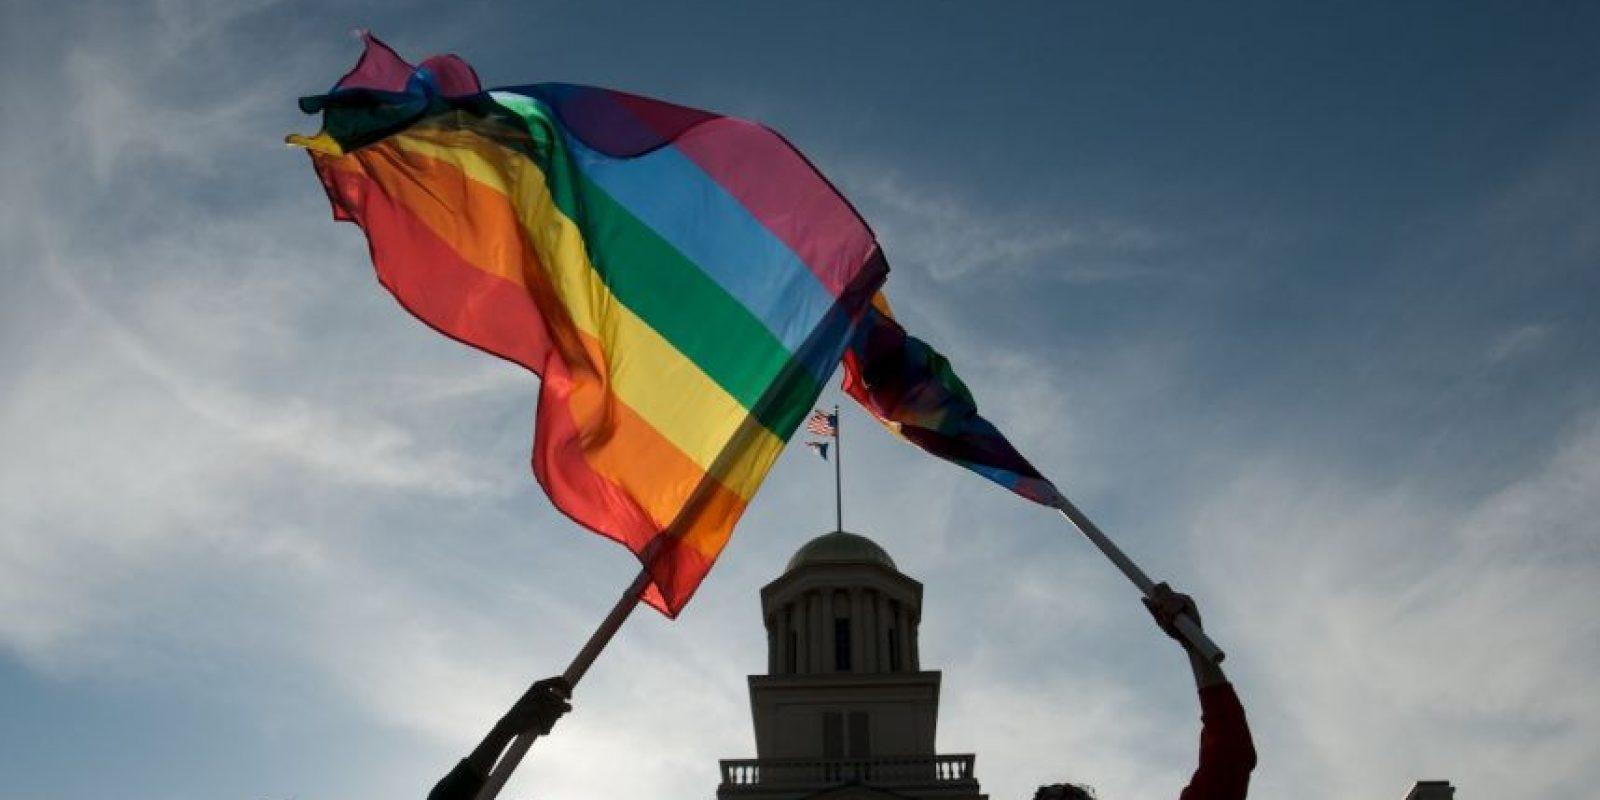 La comunidad transgénero fue la que se apropió de ella en el año 2000 y quien la introdujo gradualmente a la lengua coloquial. Foto:Getty Images